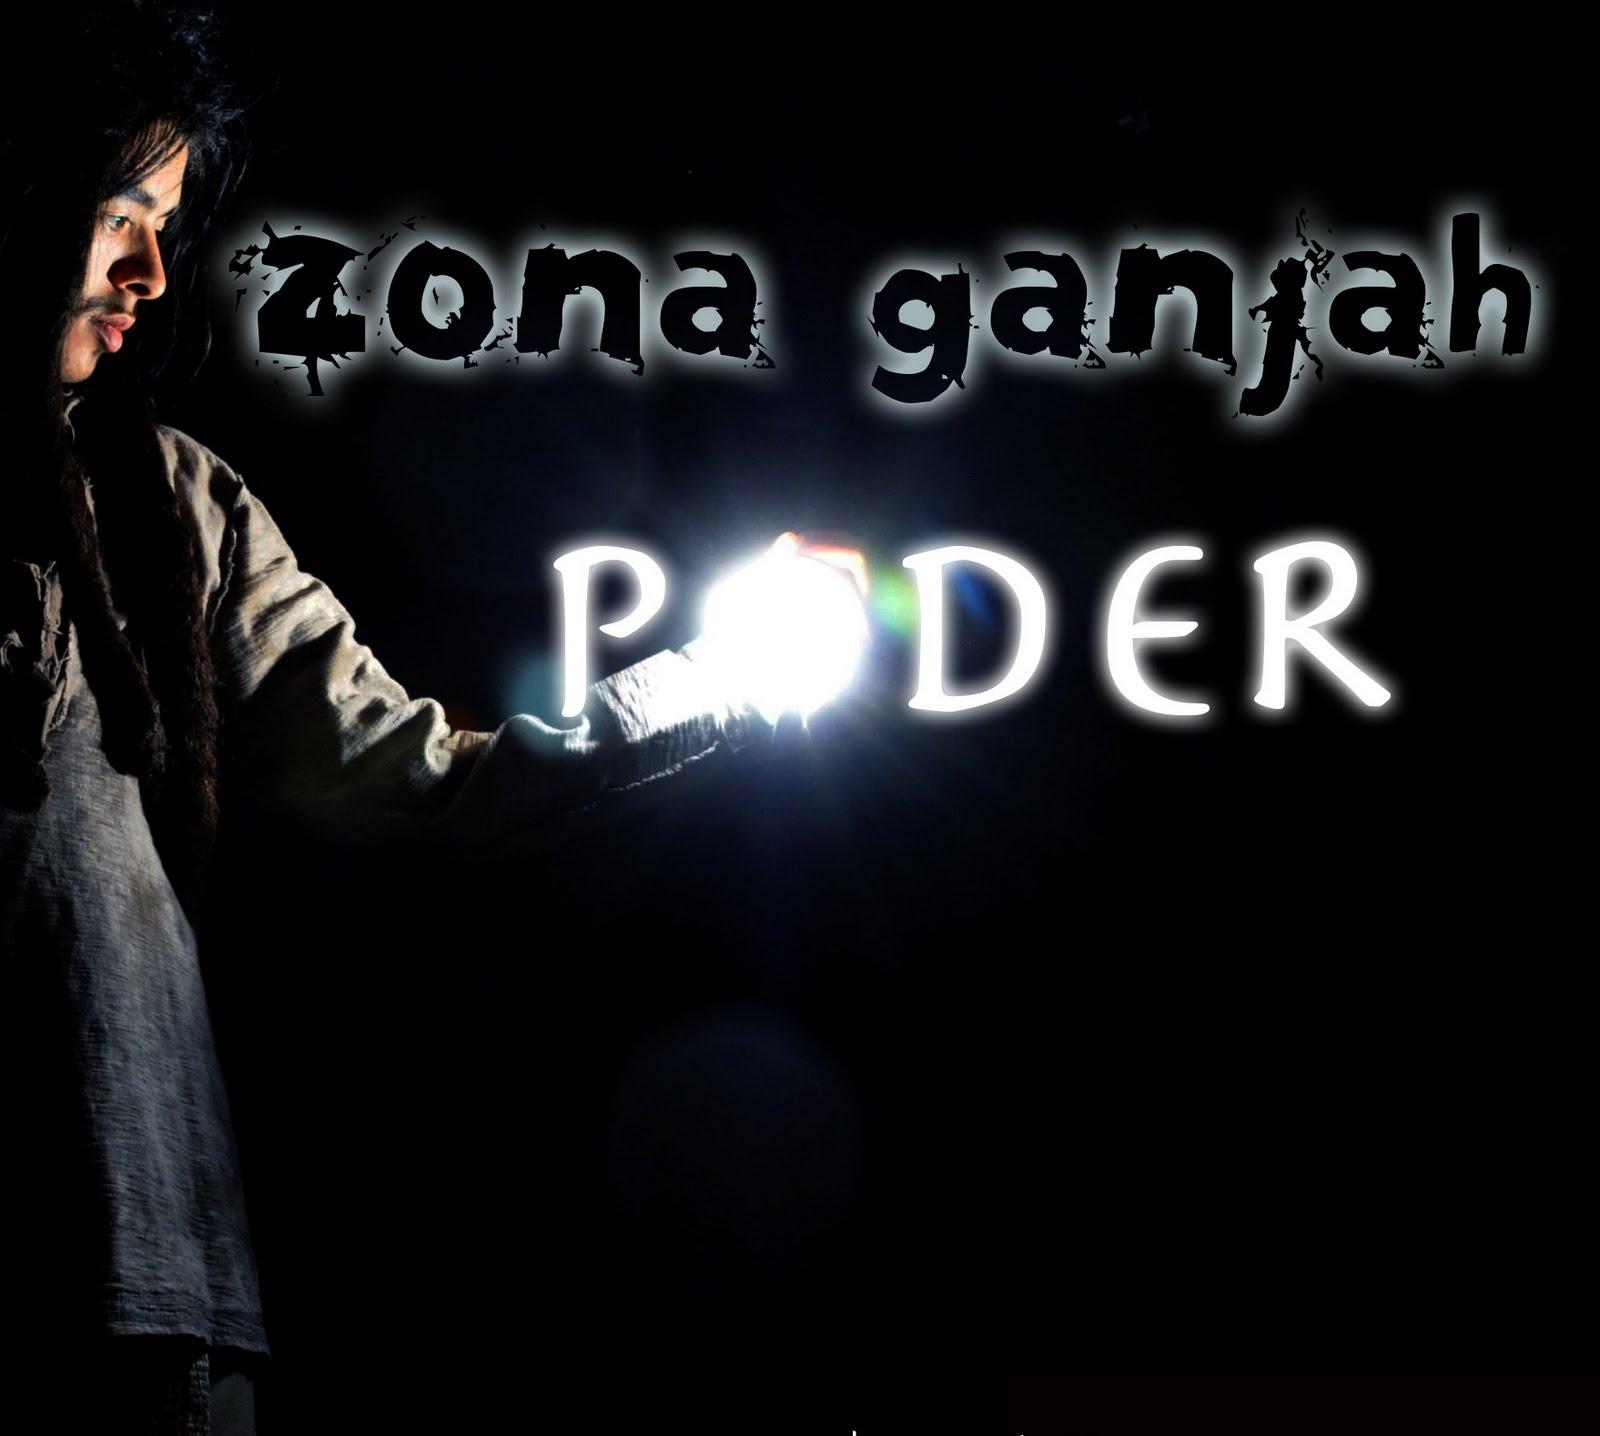 Zona Ganjah Poder 4 nuevos temas